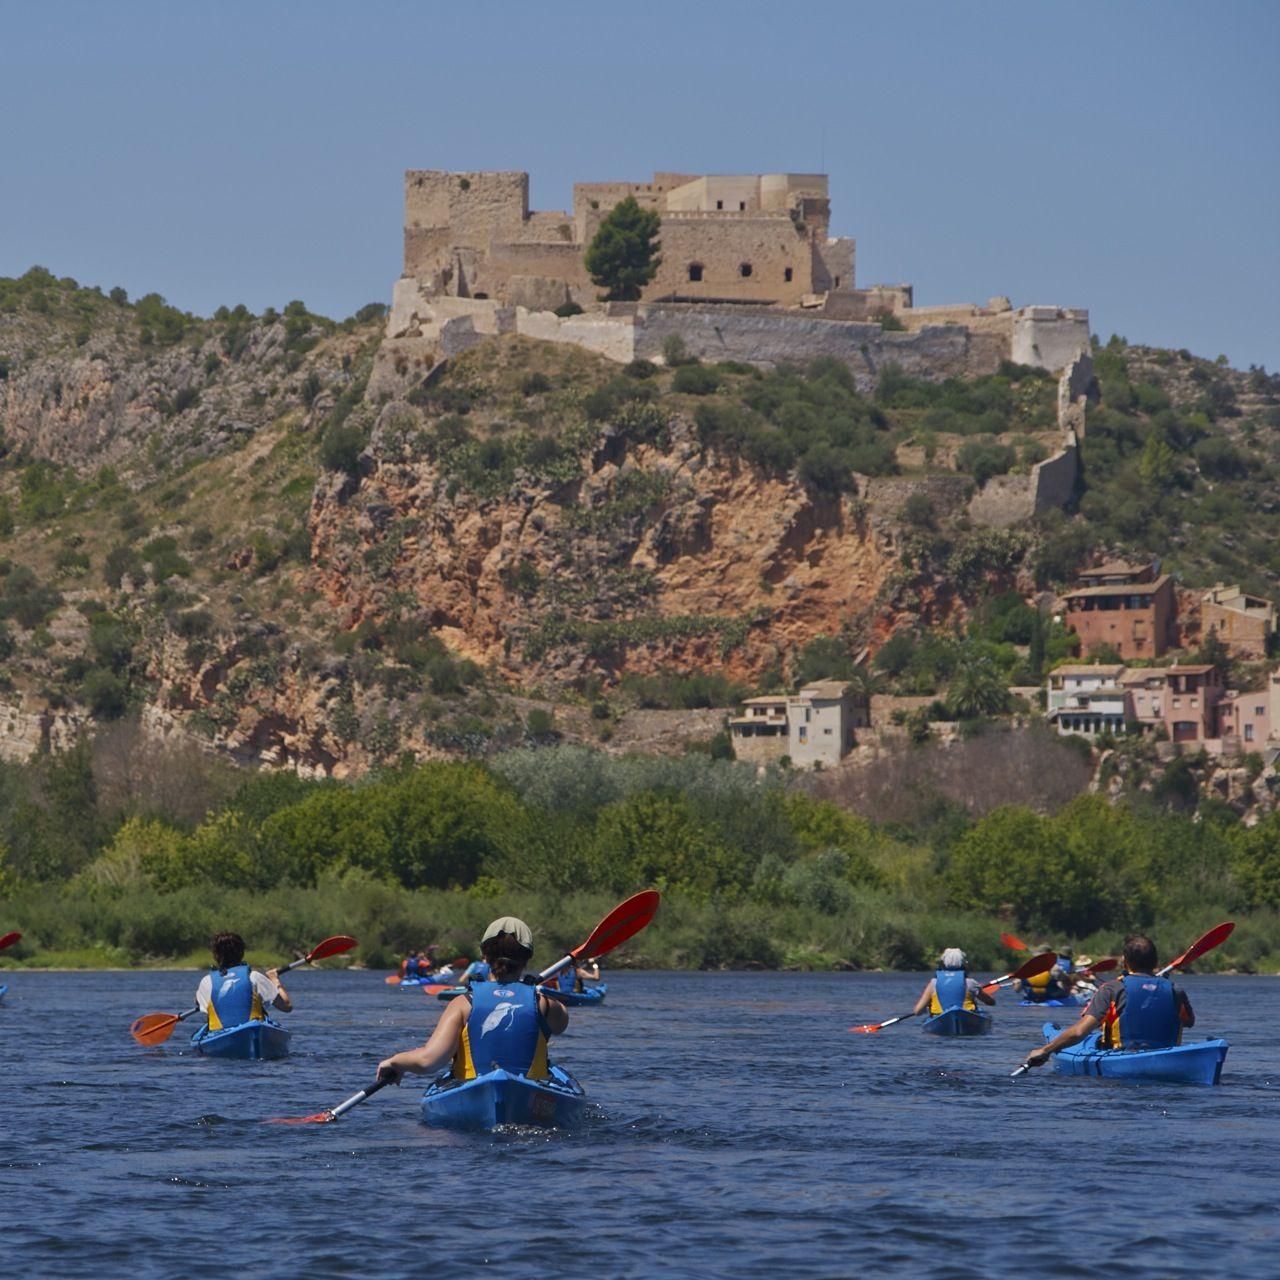 Ruta Kayak & Memory que fusiona la batalla del Ebro con la navegación por el Ebro.